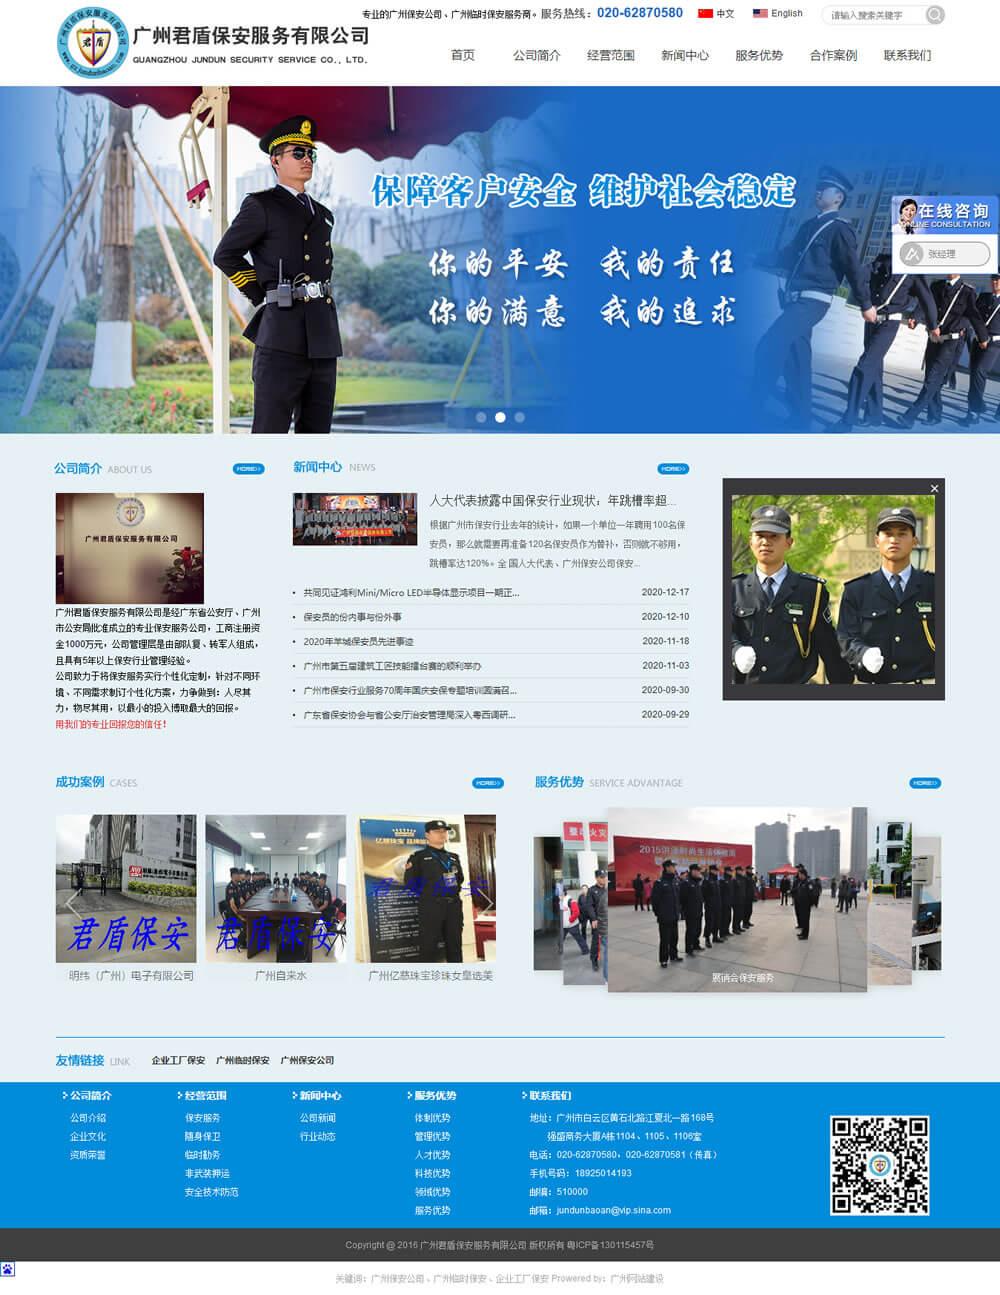 廣州君盾保安服務有限公司